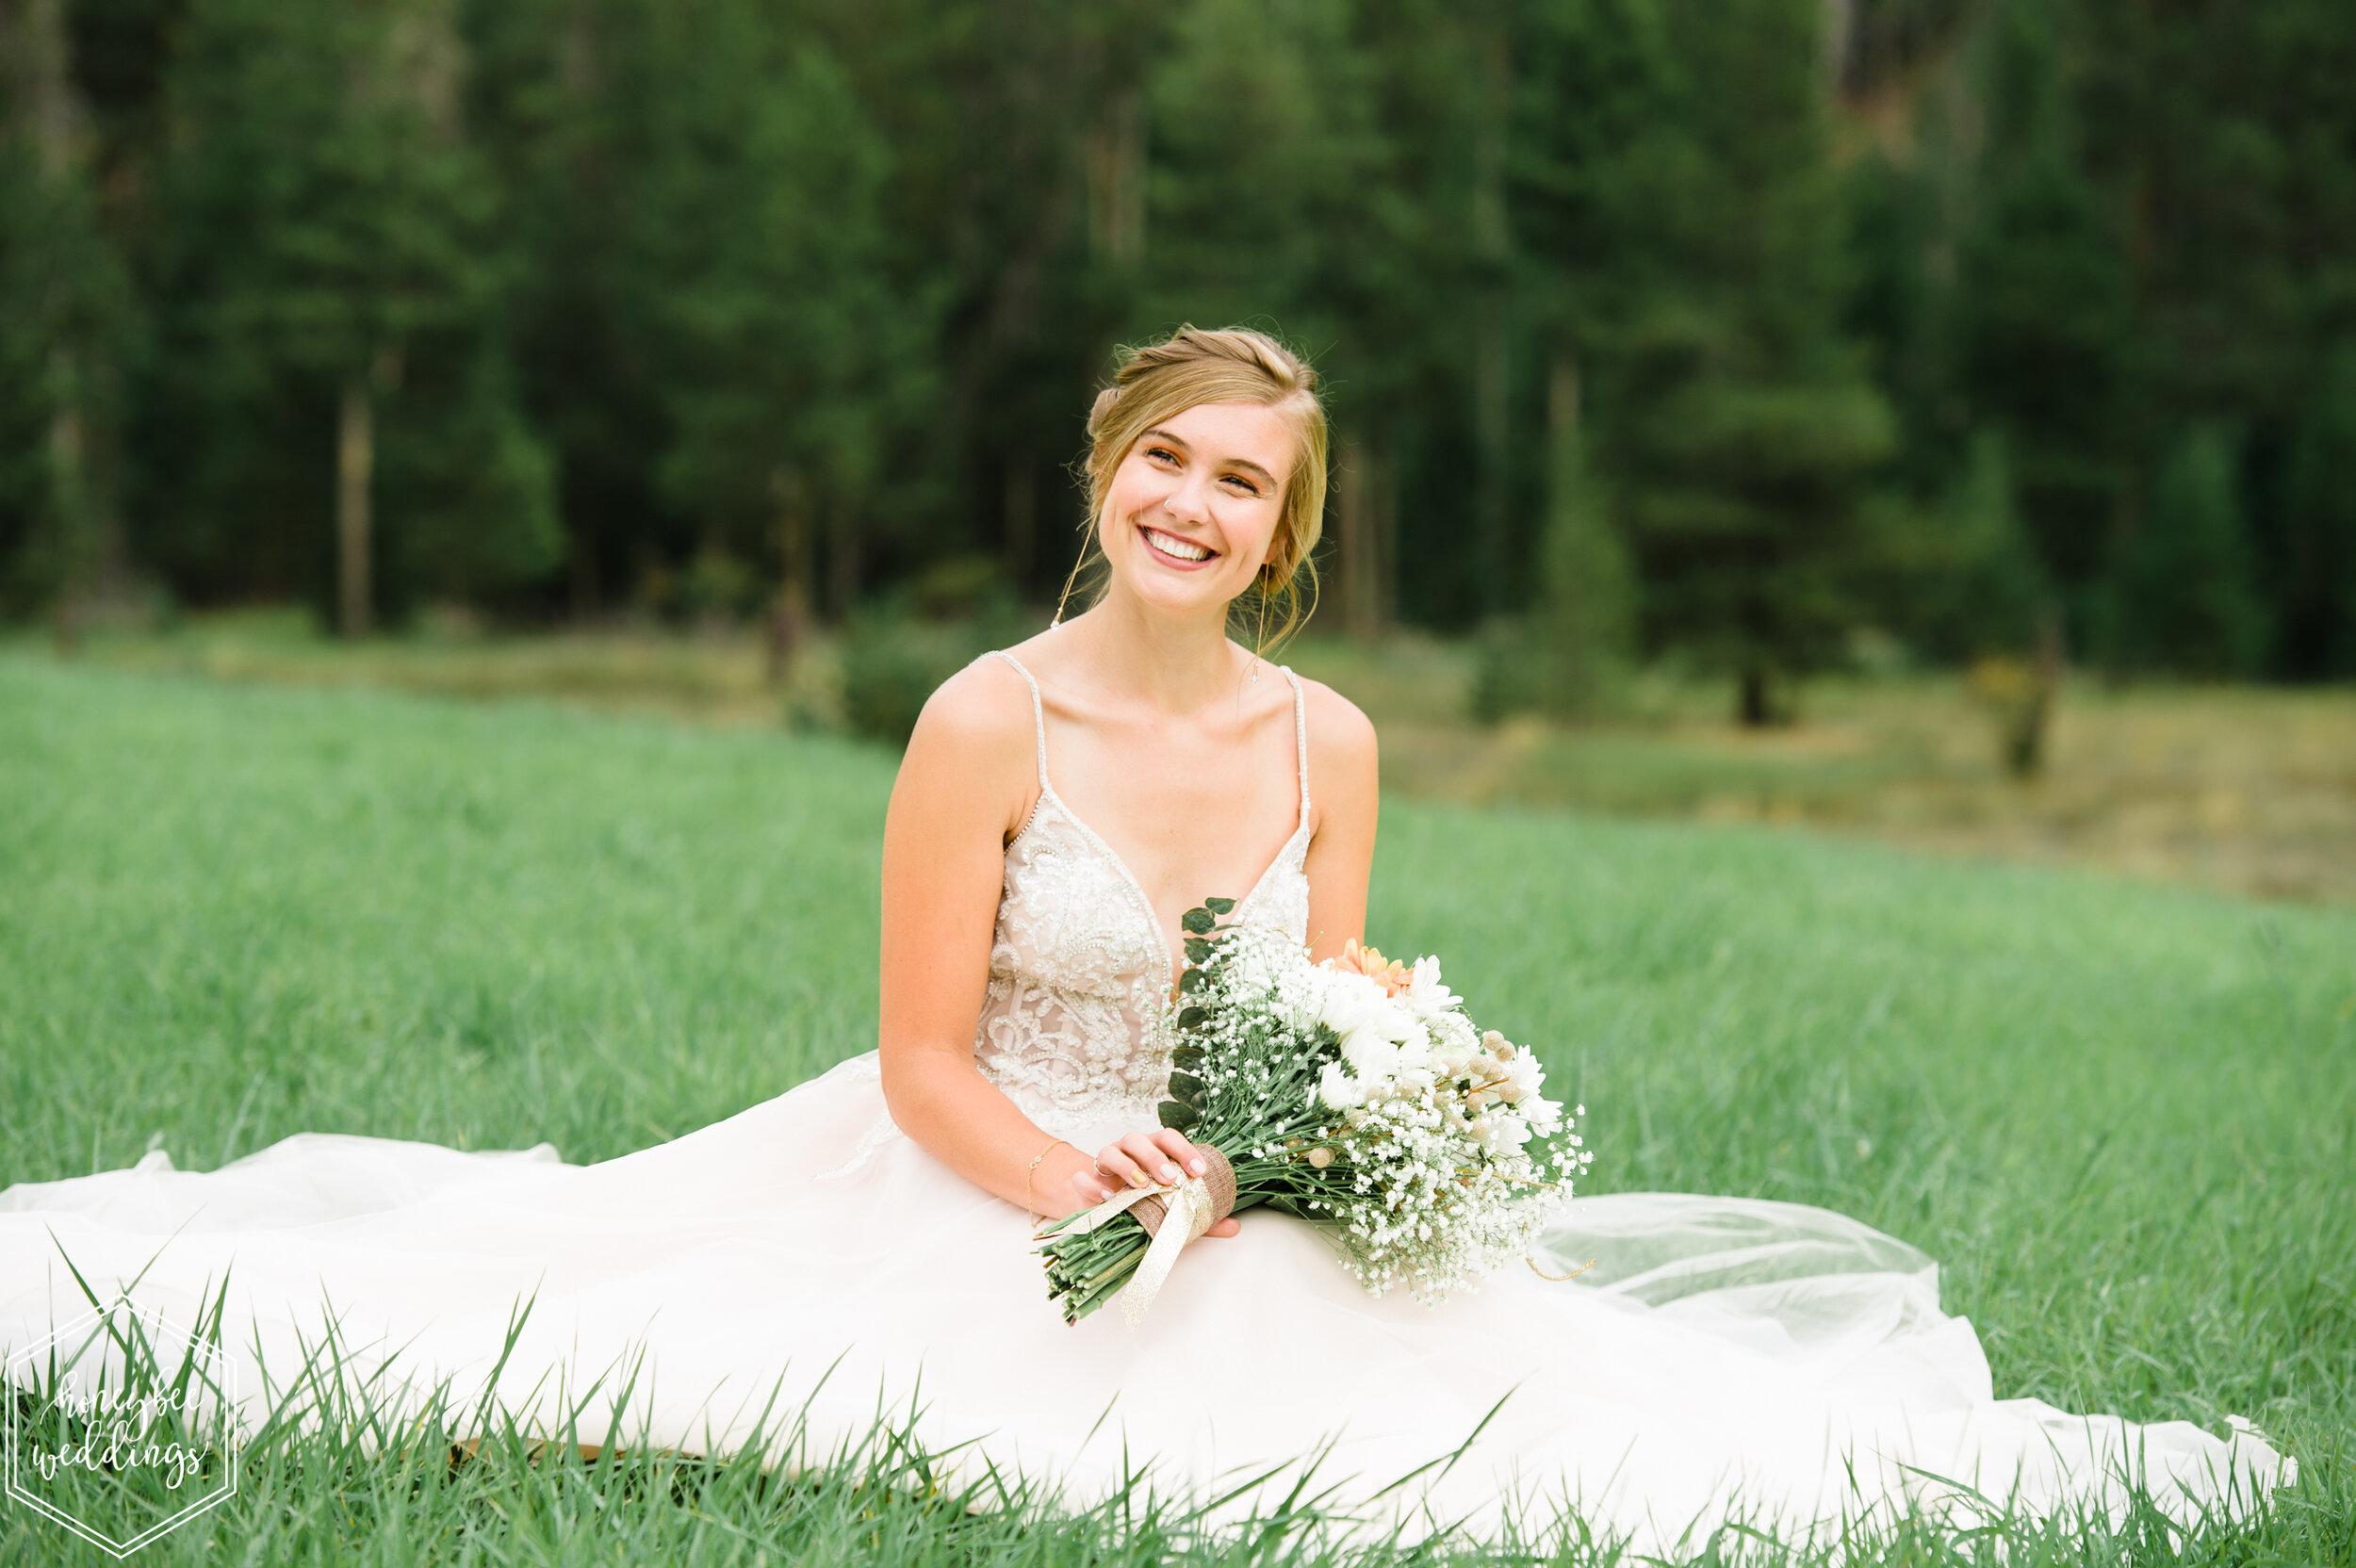 023Seven Mile Meadows Wedding_Montana Wedding Photographer_Jamie & Wes_Honeybee Weddings_September 07, 2019-150.jpg